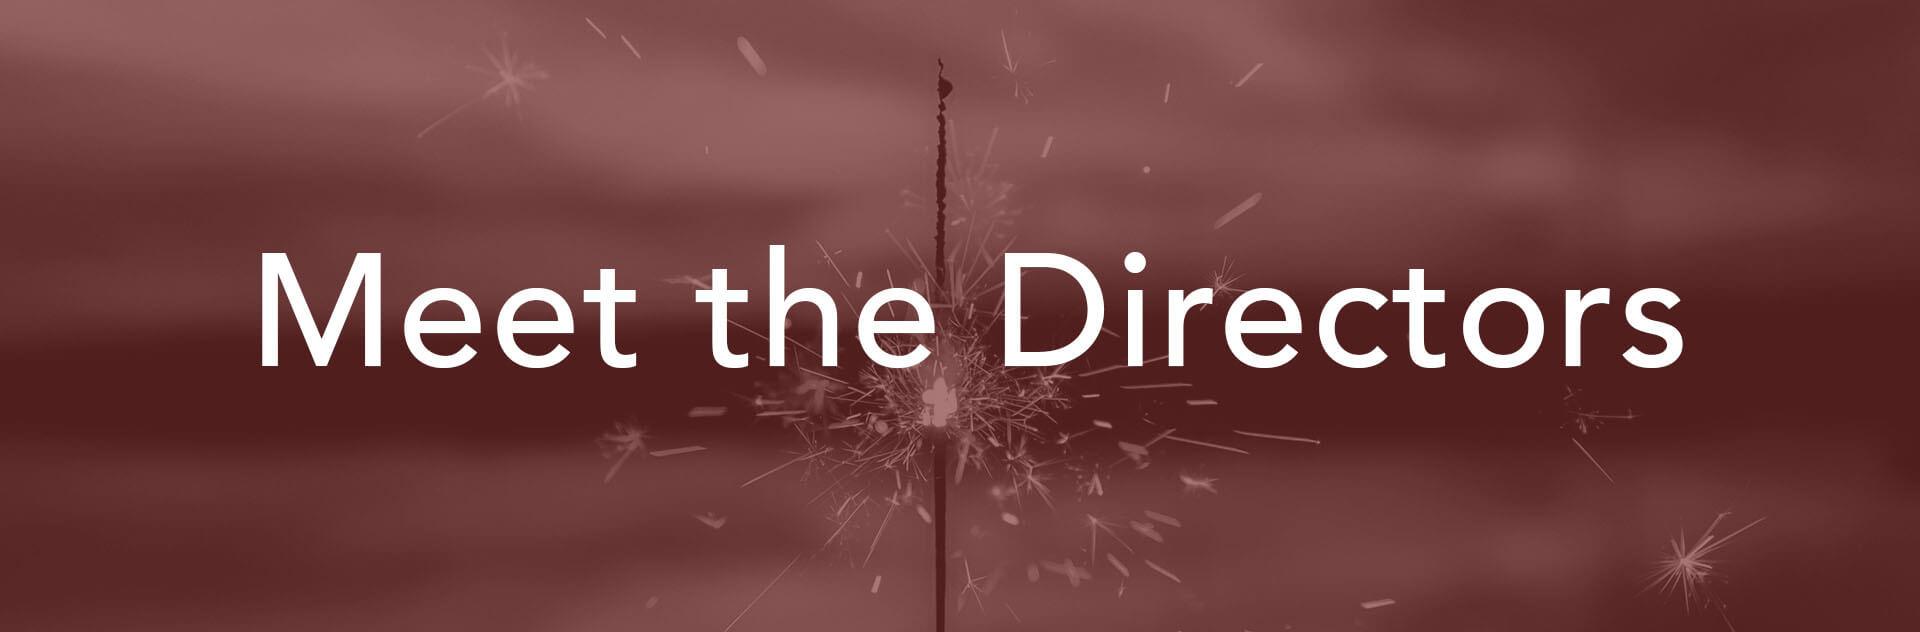 Meetthedirectorsdark